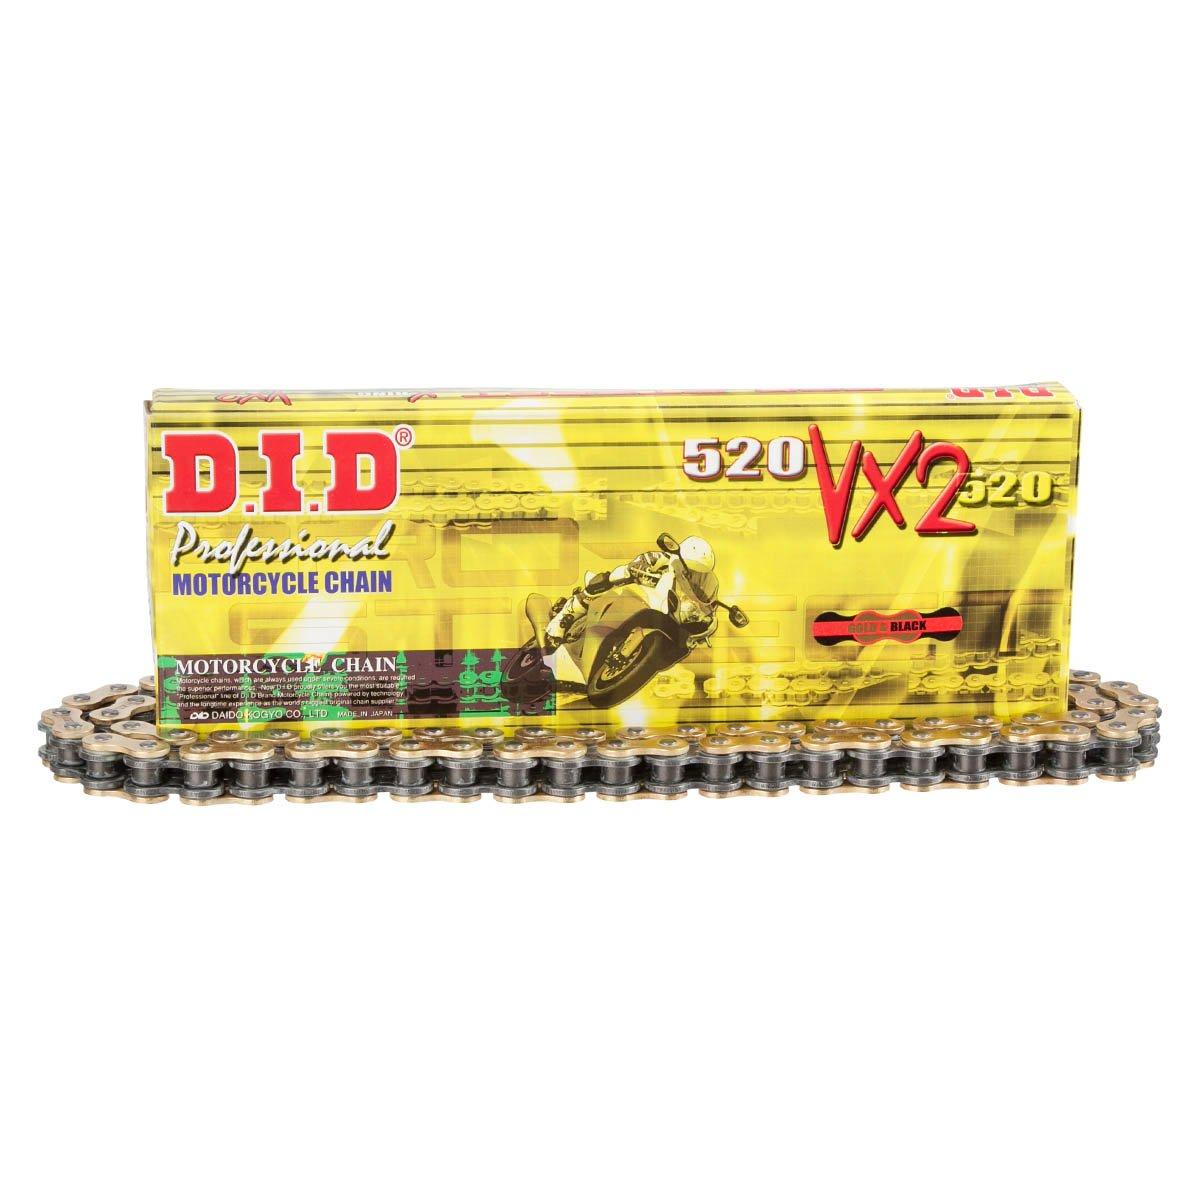 D.I.D Kette 520VX2 Gold Gr. 116